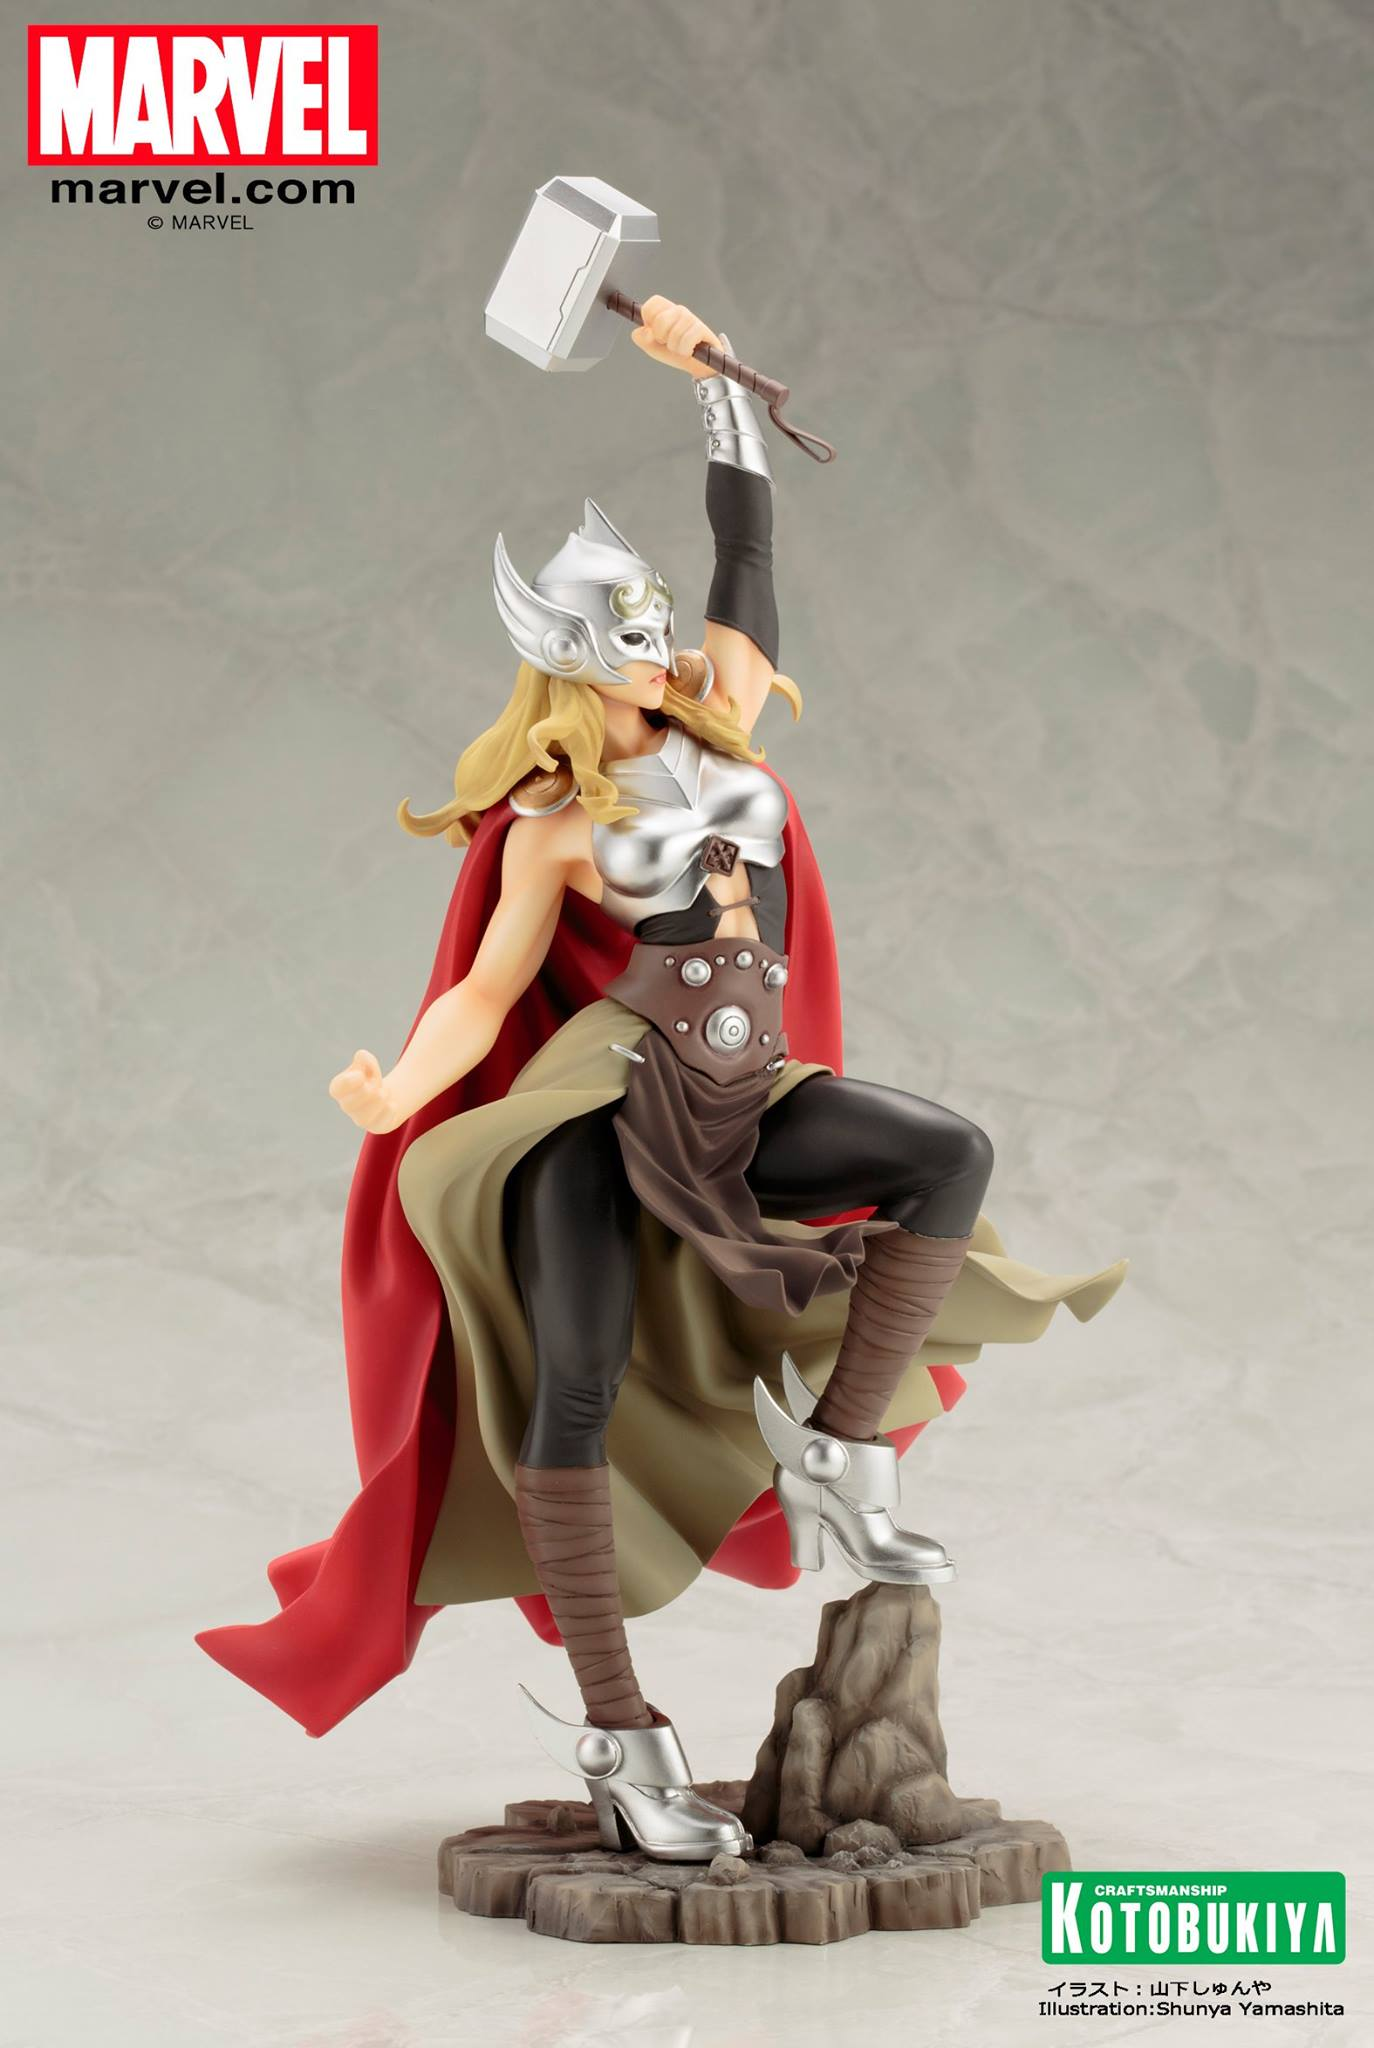 thor-bishoujo-statue-marvel-kotobukiya-2